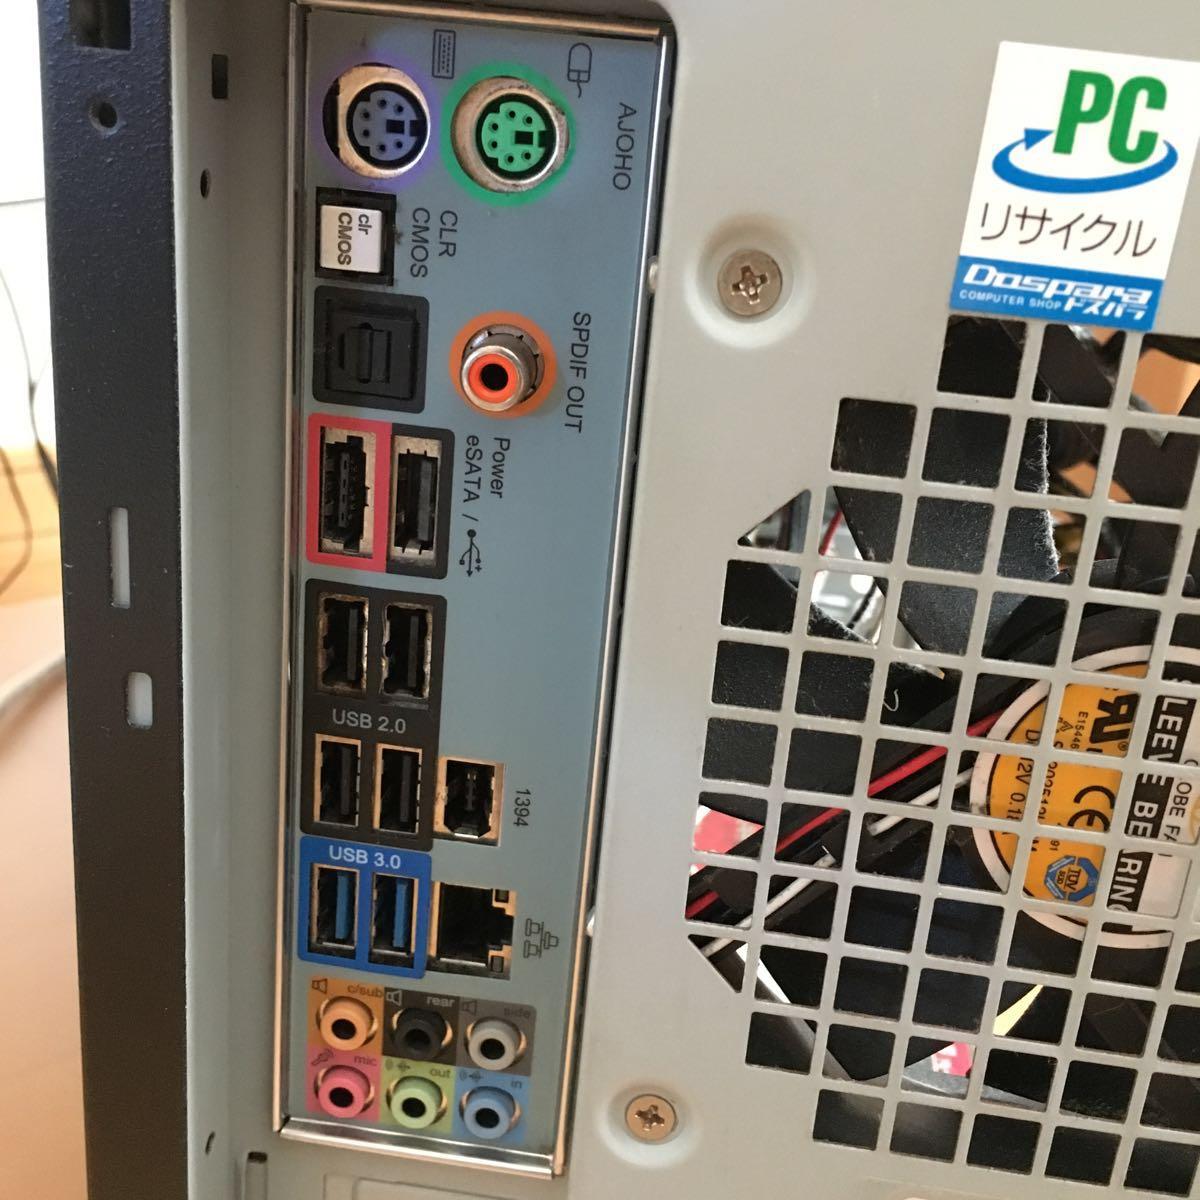 ゲーミング プライム Galleria /Win10/i7 3.07GHz 8コア/HDD1TB/メモリ8G/NVIDIA GeForce GTX460/電源1000w_画像4